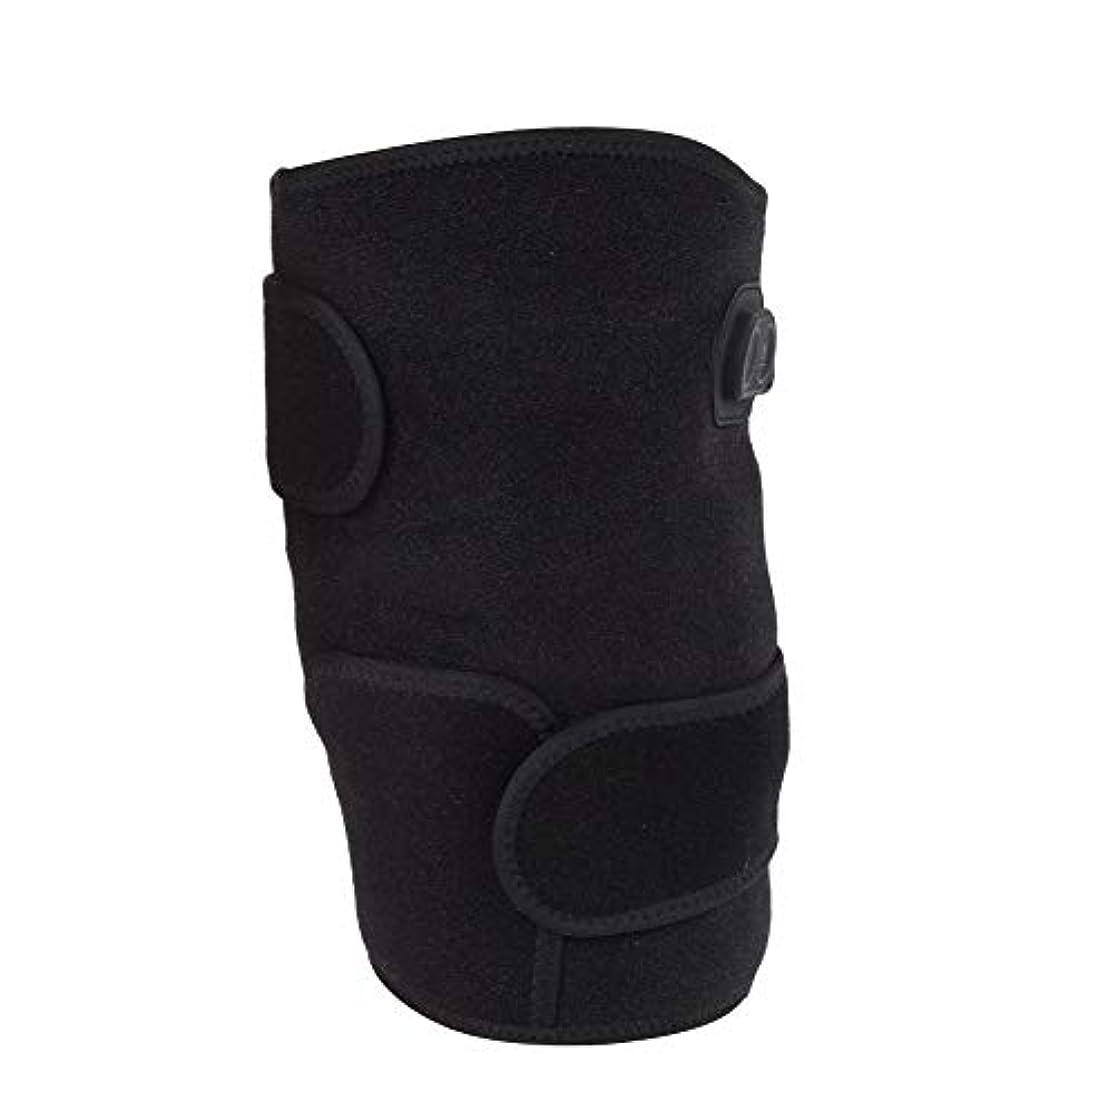 加熱膝パッド、電熱膝ブレース加熱保温のための柔軟な機動性を備えた鎮痛膝サポートコンプレッサー